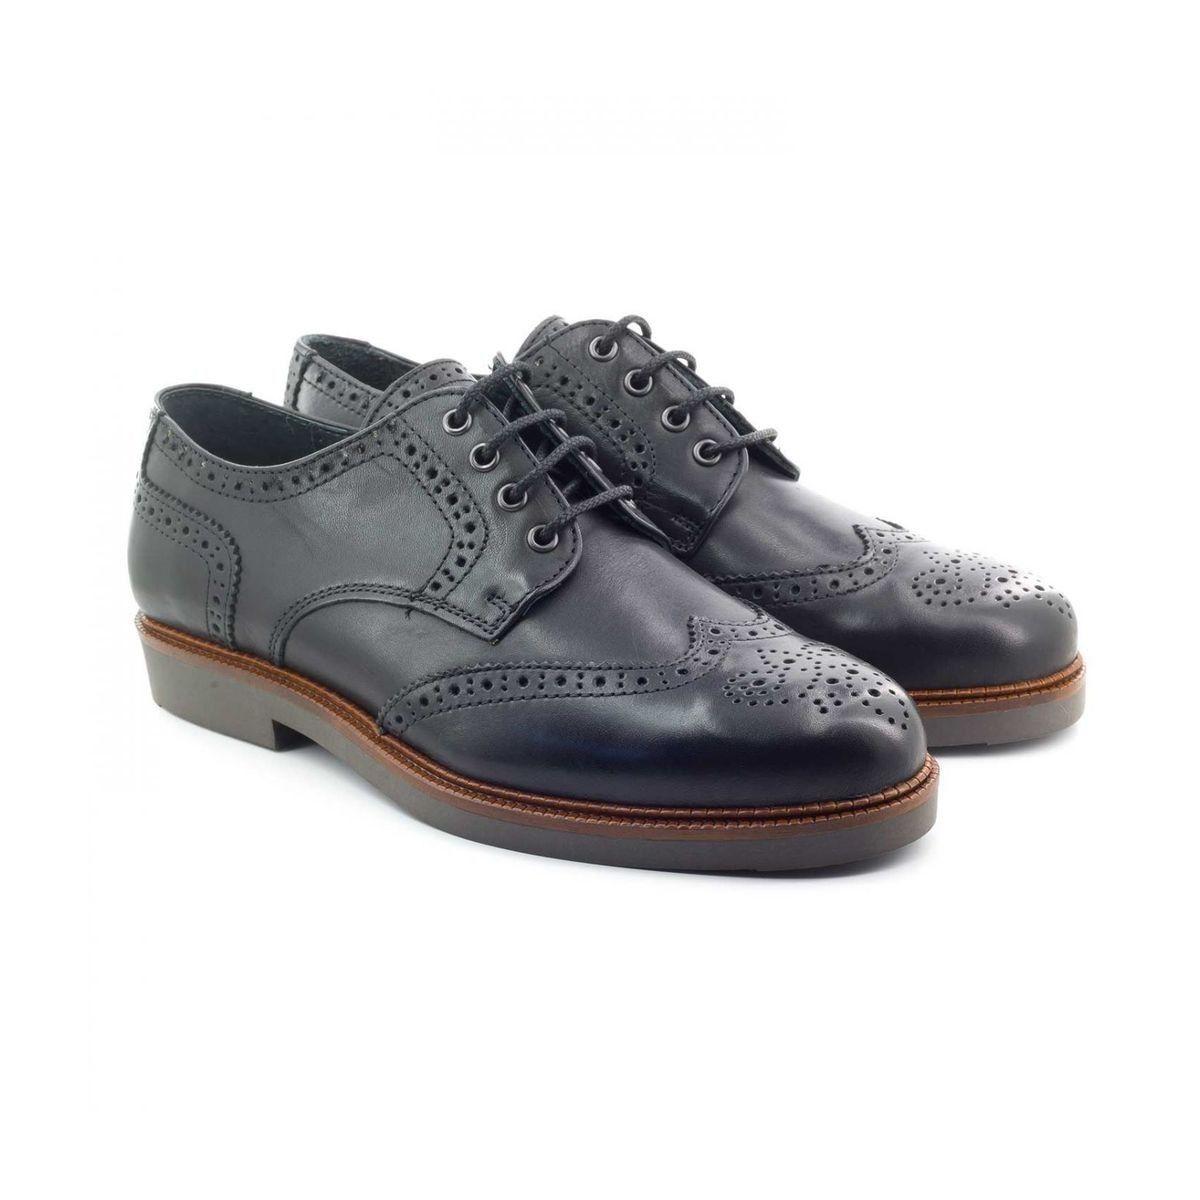 vente en magasin en ligne à la vente vraie qualité Boni Charlie - Chaussures Garçon Classique - Taille : 30;40 ...